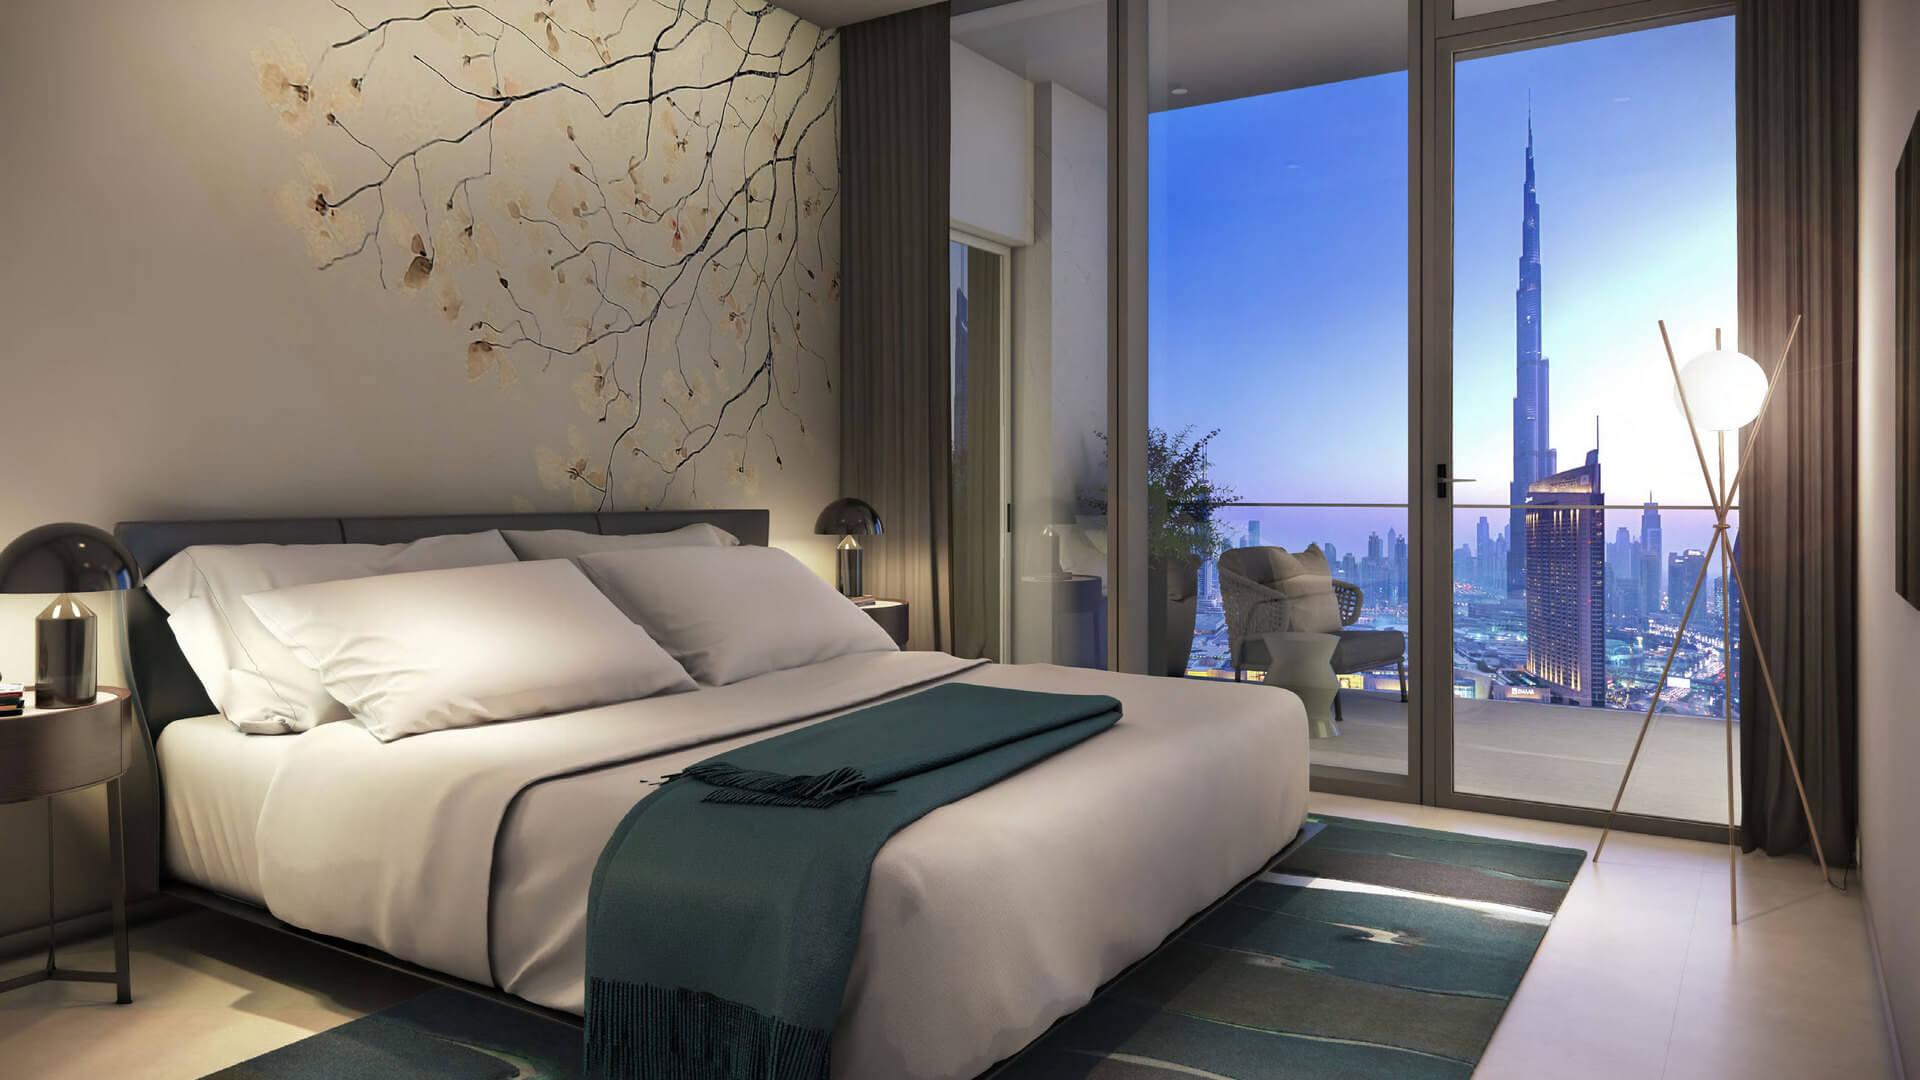 Apartment for sale in Dubai, UAE, 1 bedroom, 67 m2, No. 24077 – photo 1